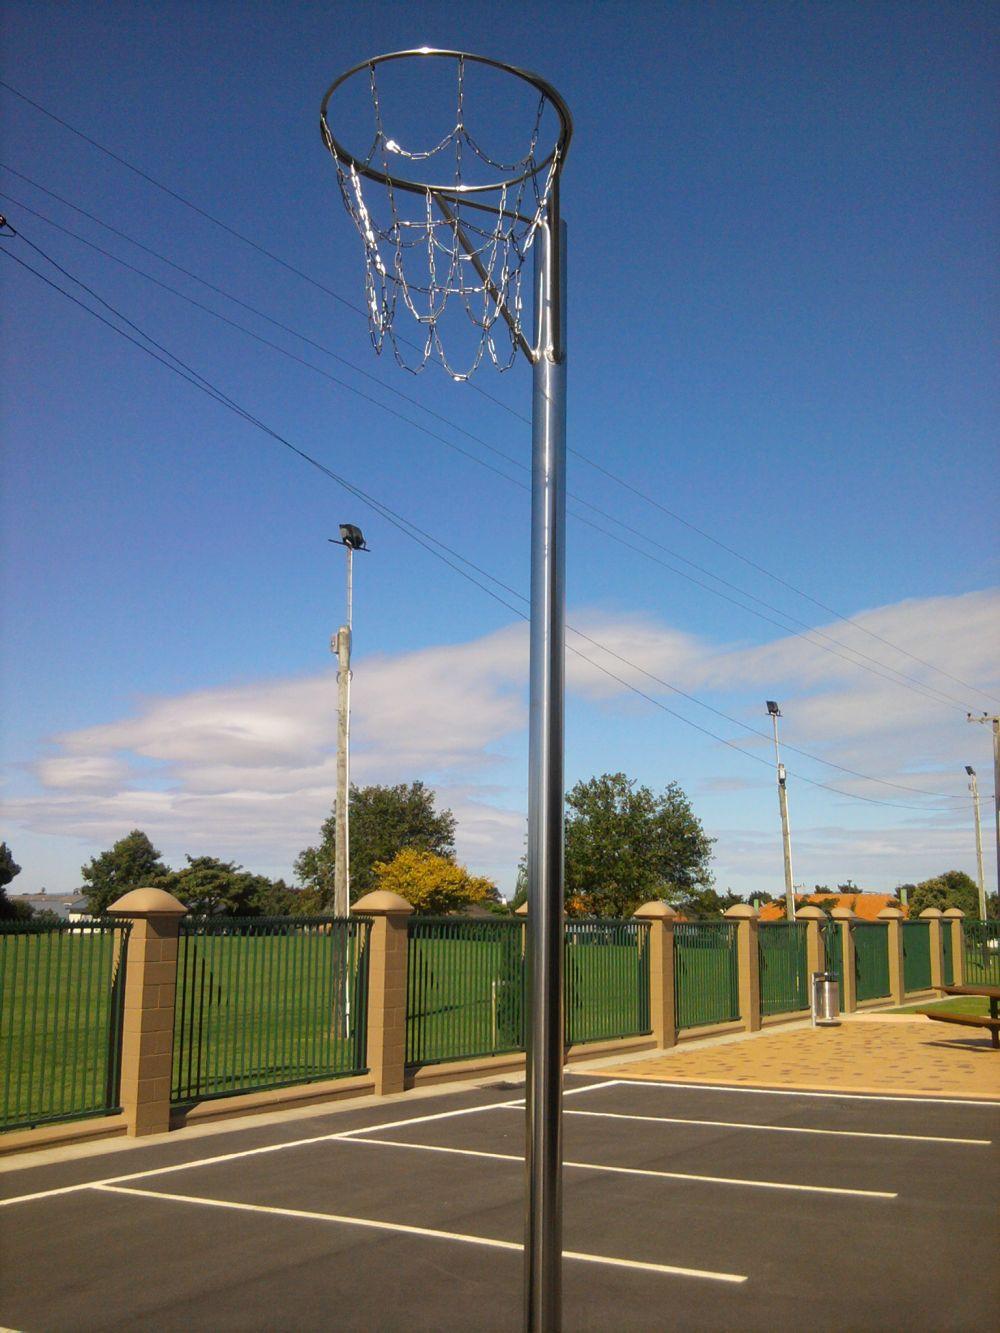 Stainless steel netball post & mesh